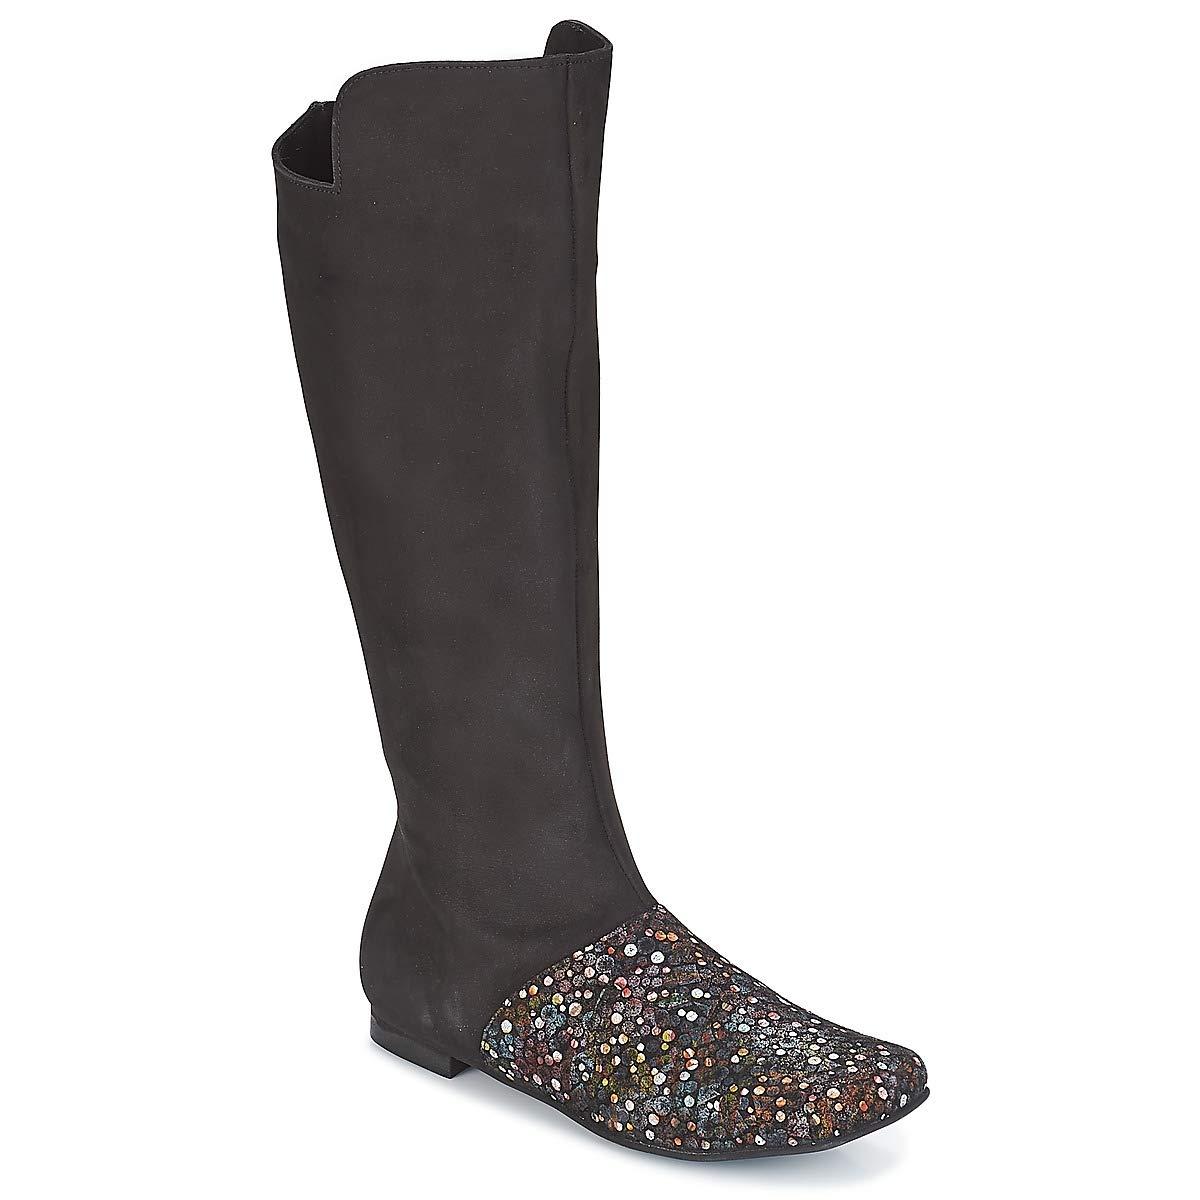 Papucei Malva Stiefel Damen Schwarz Klassische Stiefel